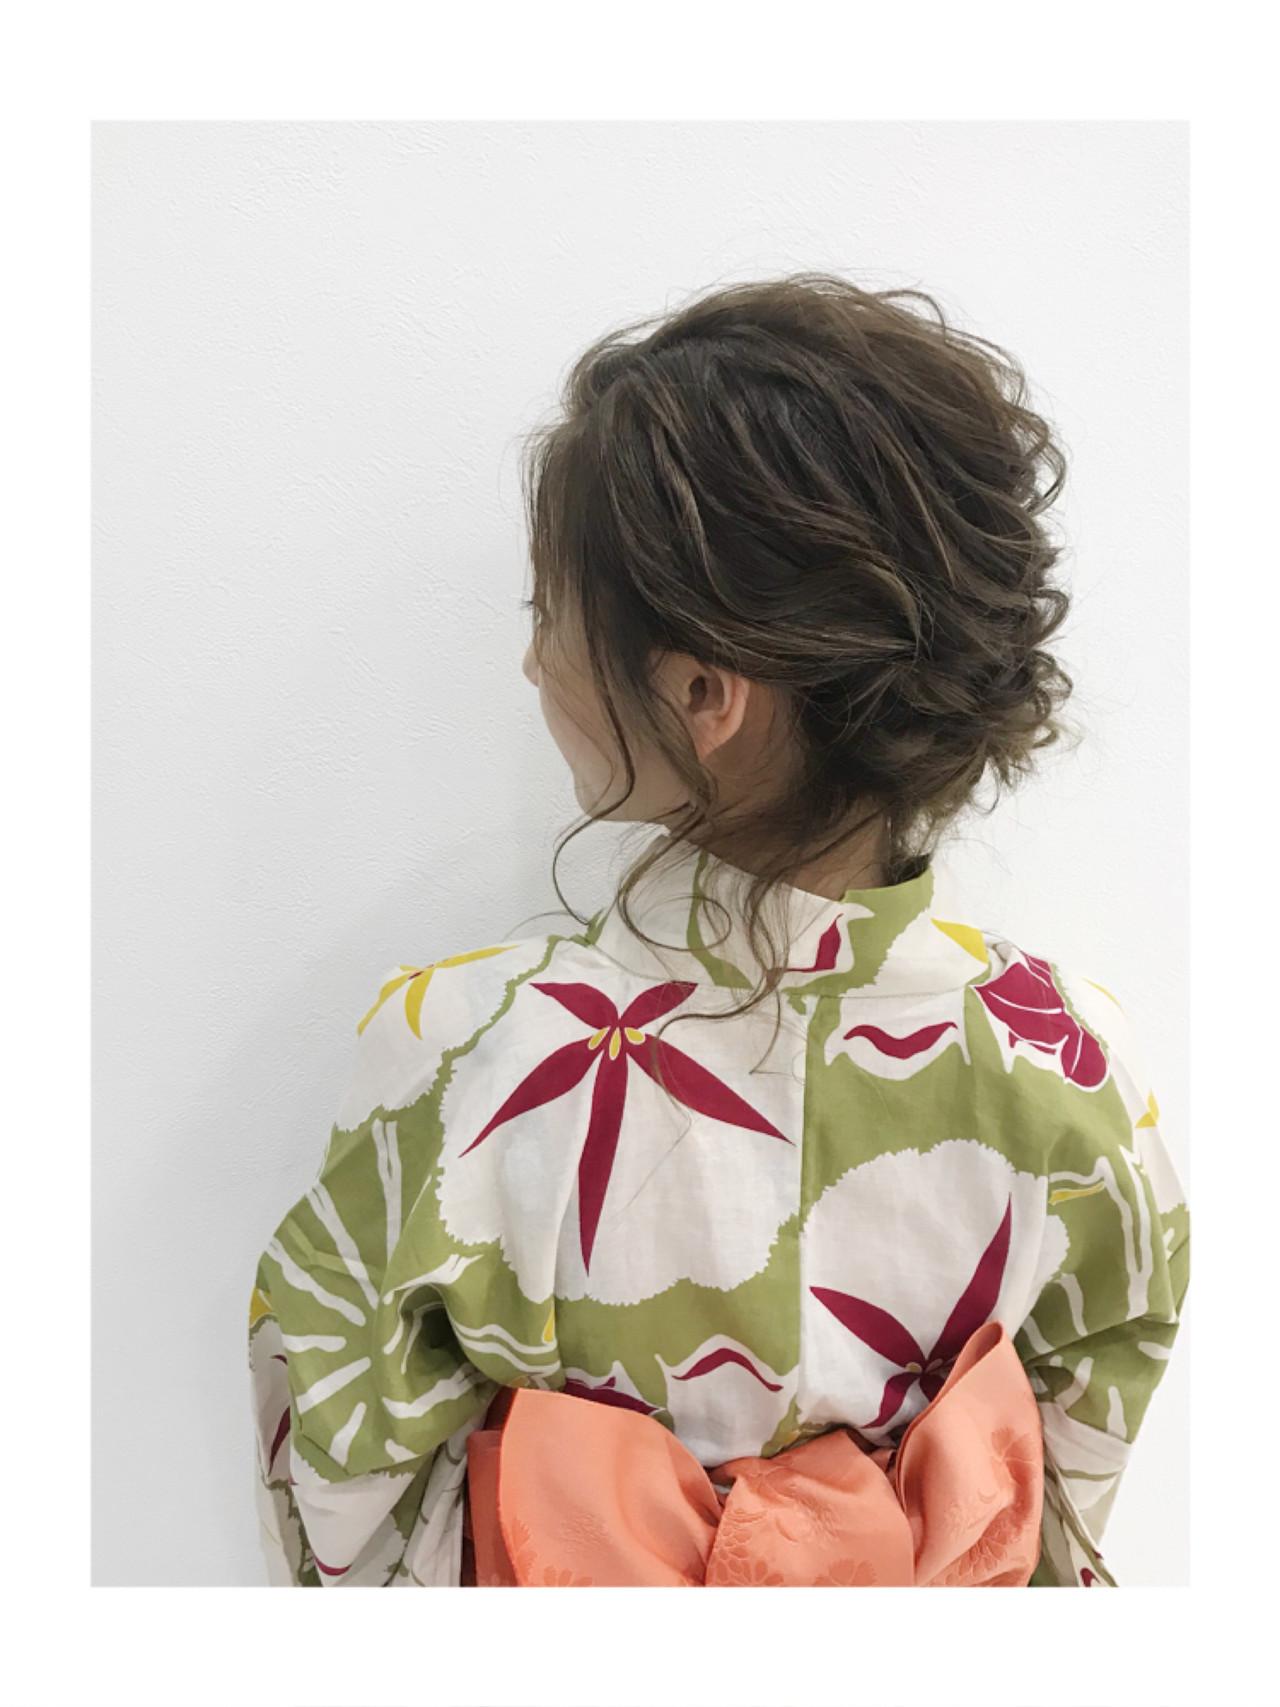 ミディアム お祭り シニヨン デート ヘアスタイルや髪型の写真・画像